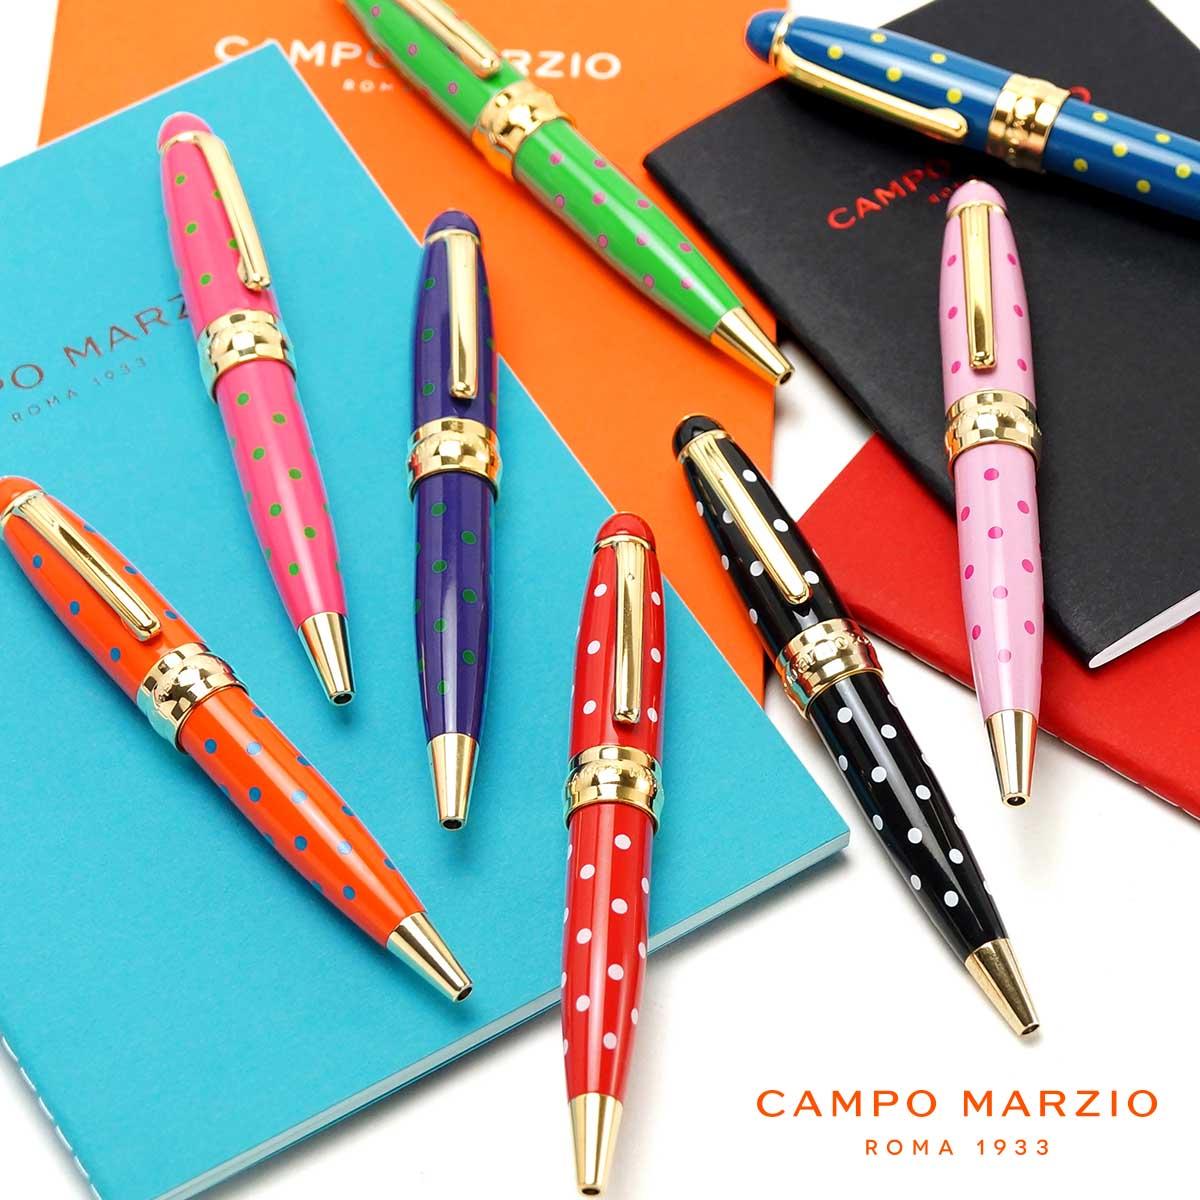 【イタリアブランド】 ボールペン 油性 おしゃれ かわいい ブランド カンポマルツィオ CAMPO MARZIO MINNY LP K326LP